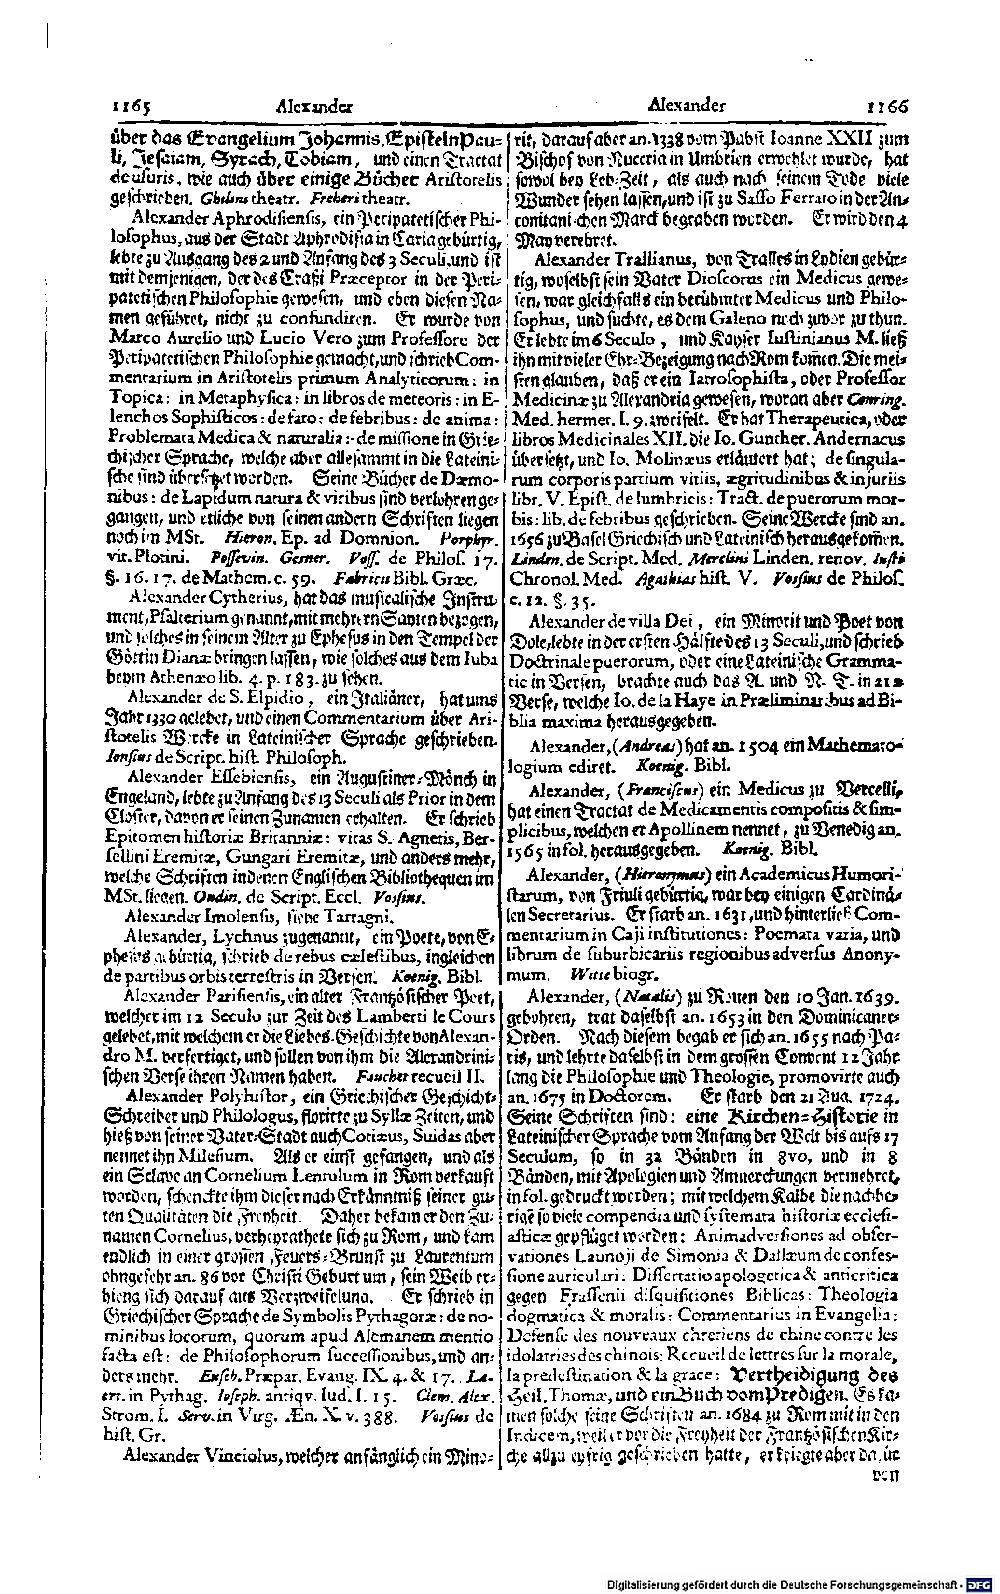 Bd. 01, Seite 0622.